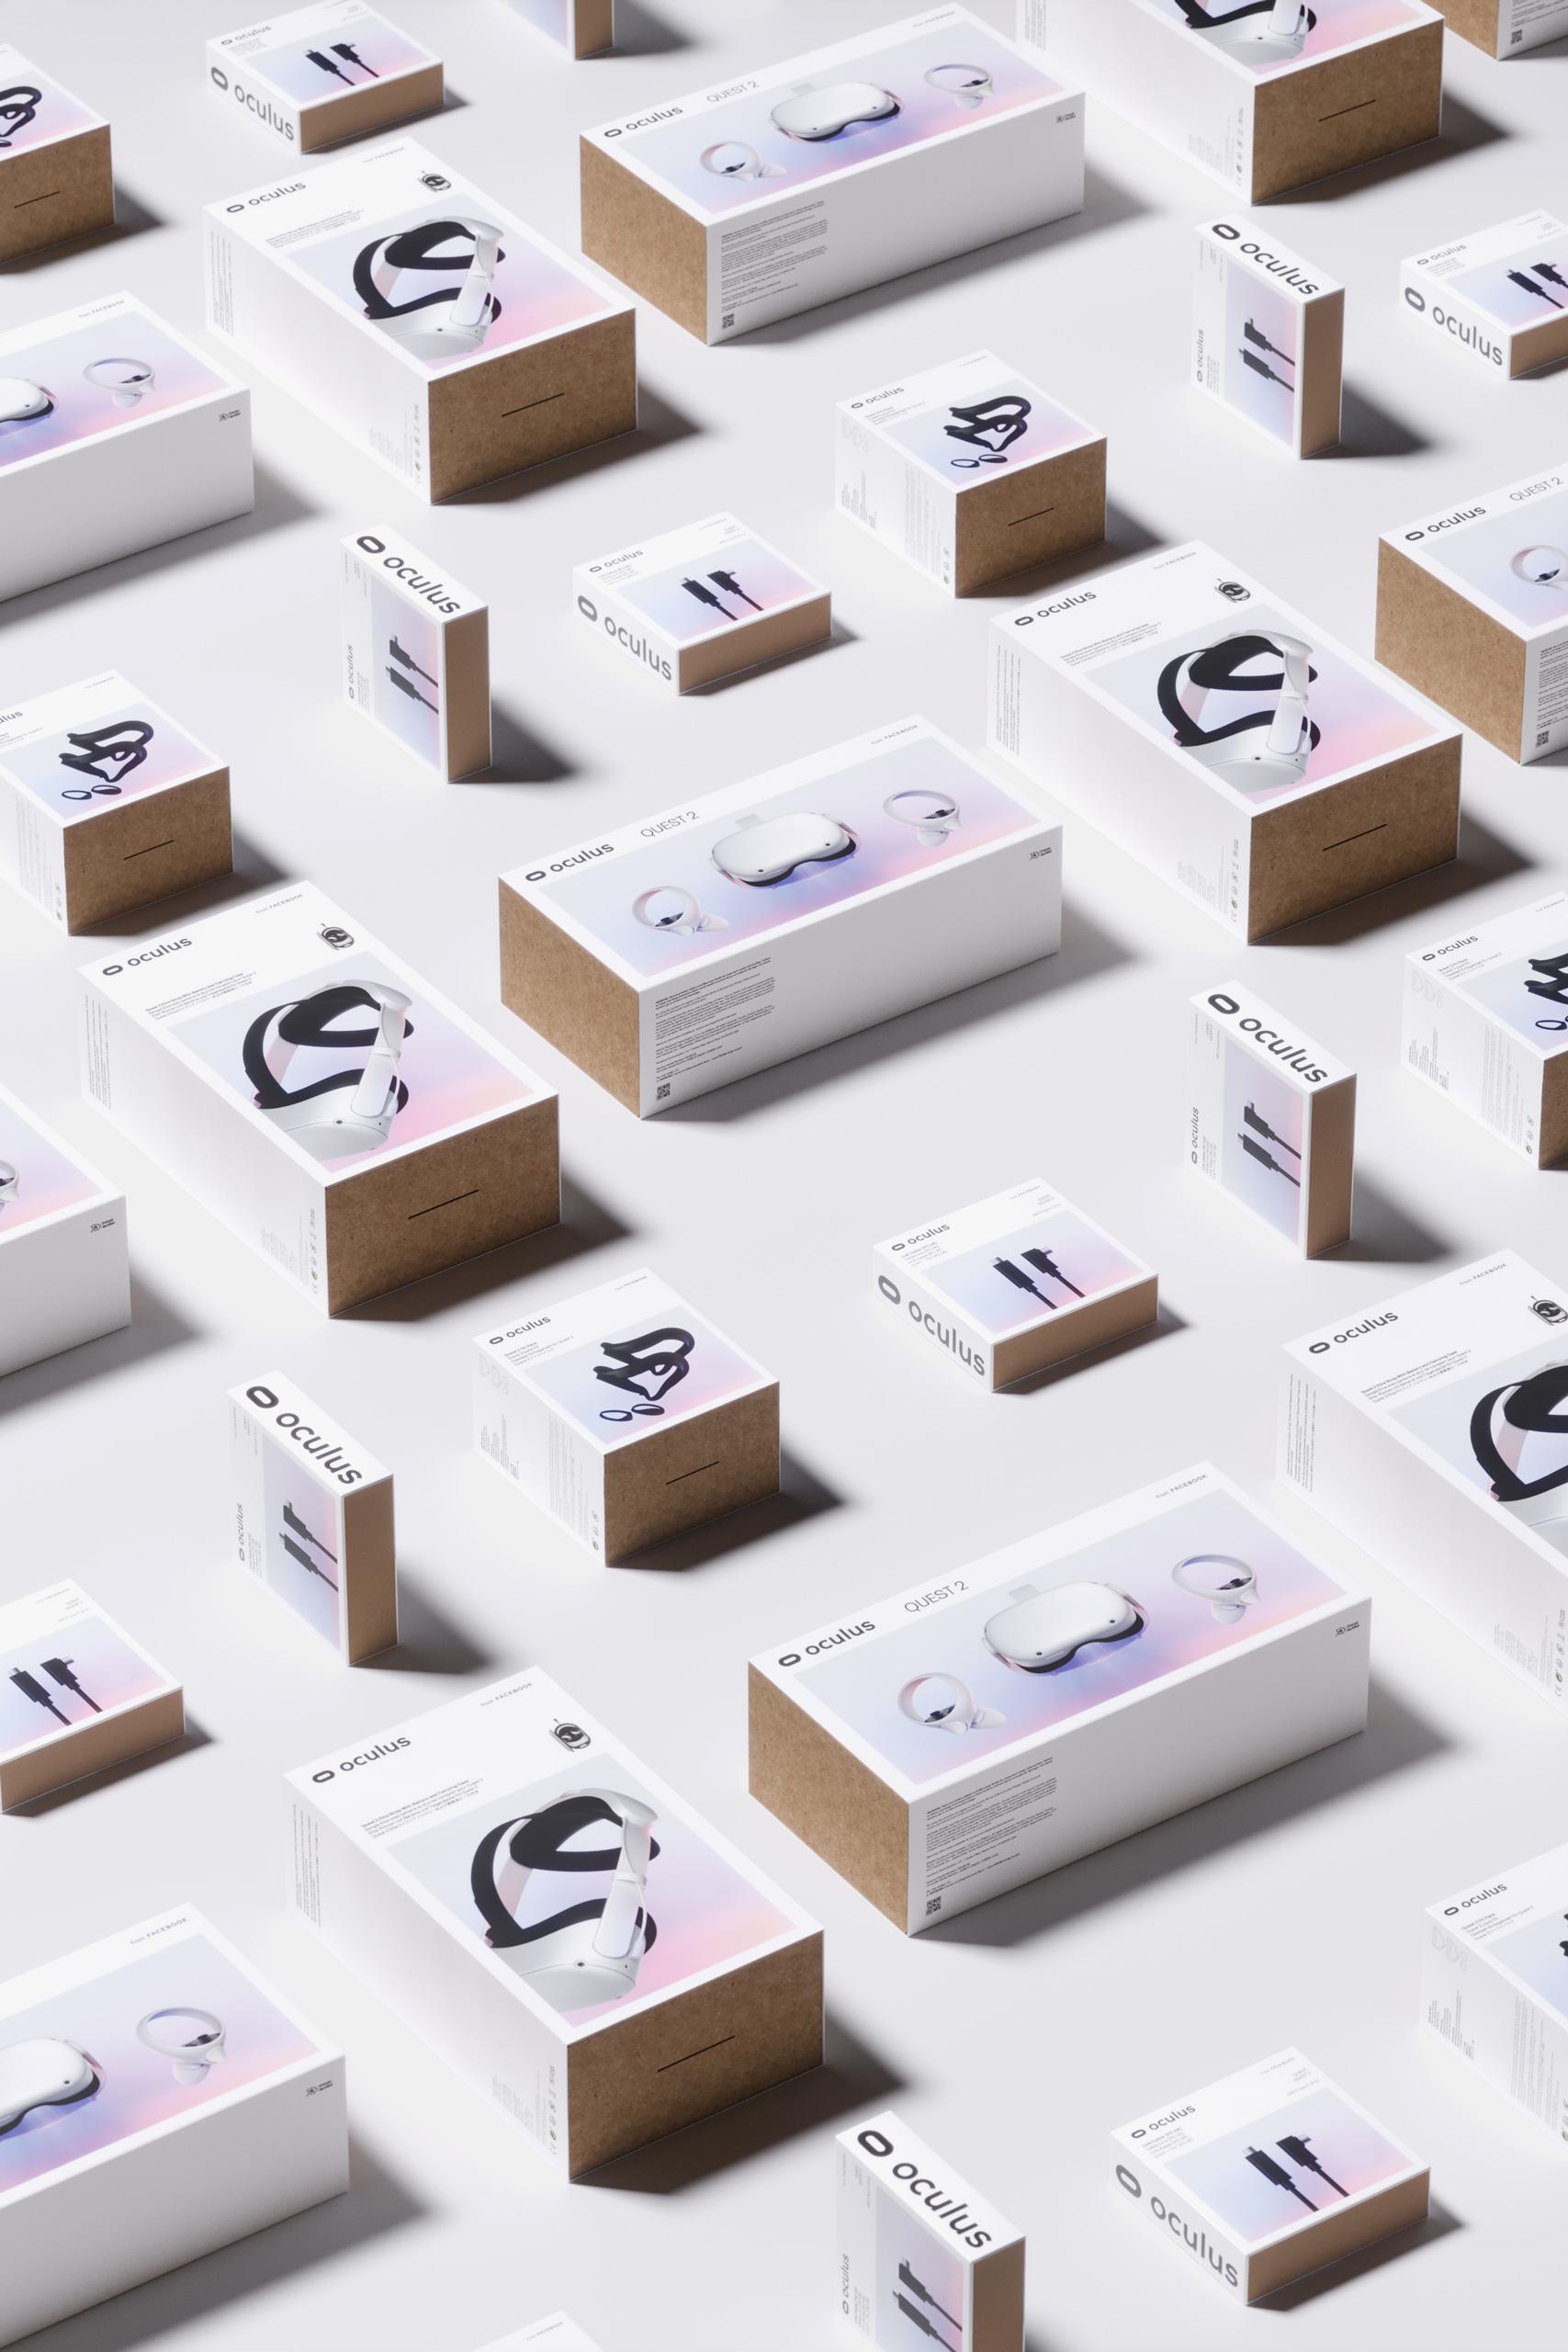 Packaging_Grid_04